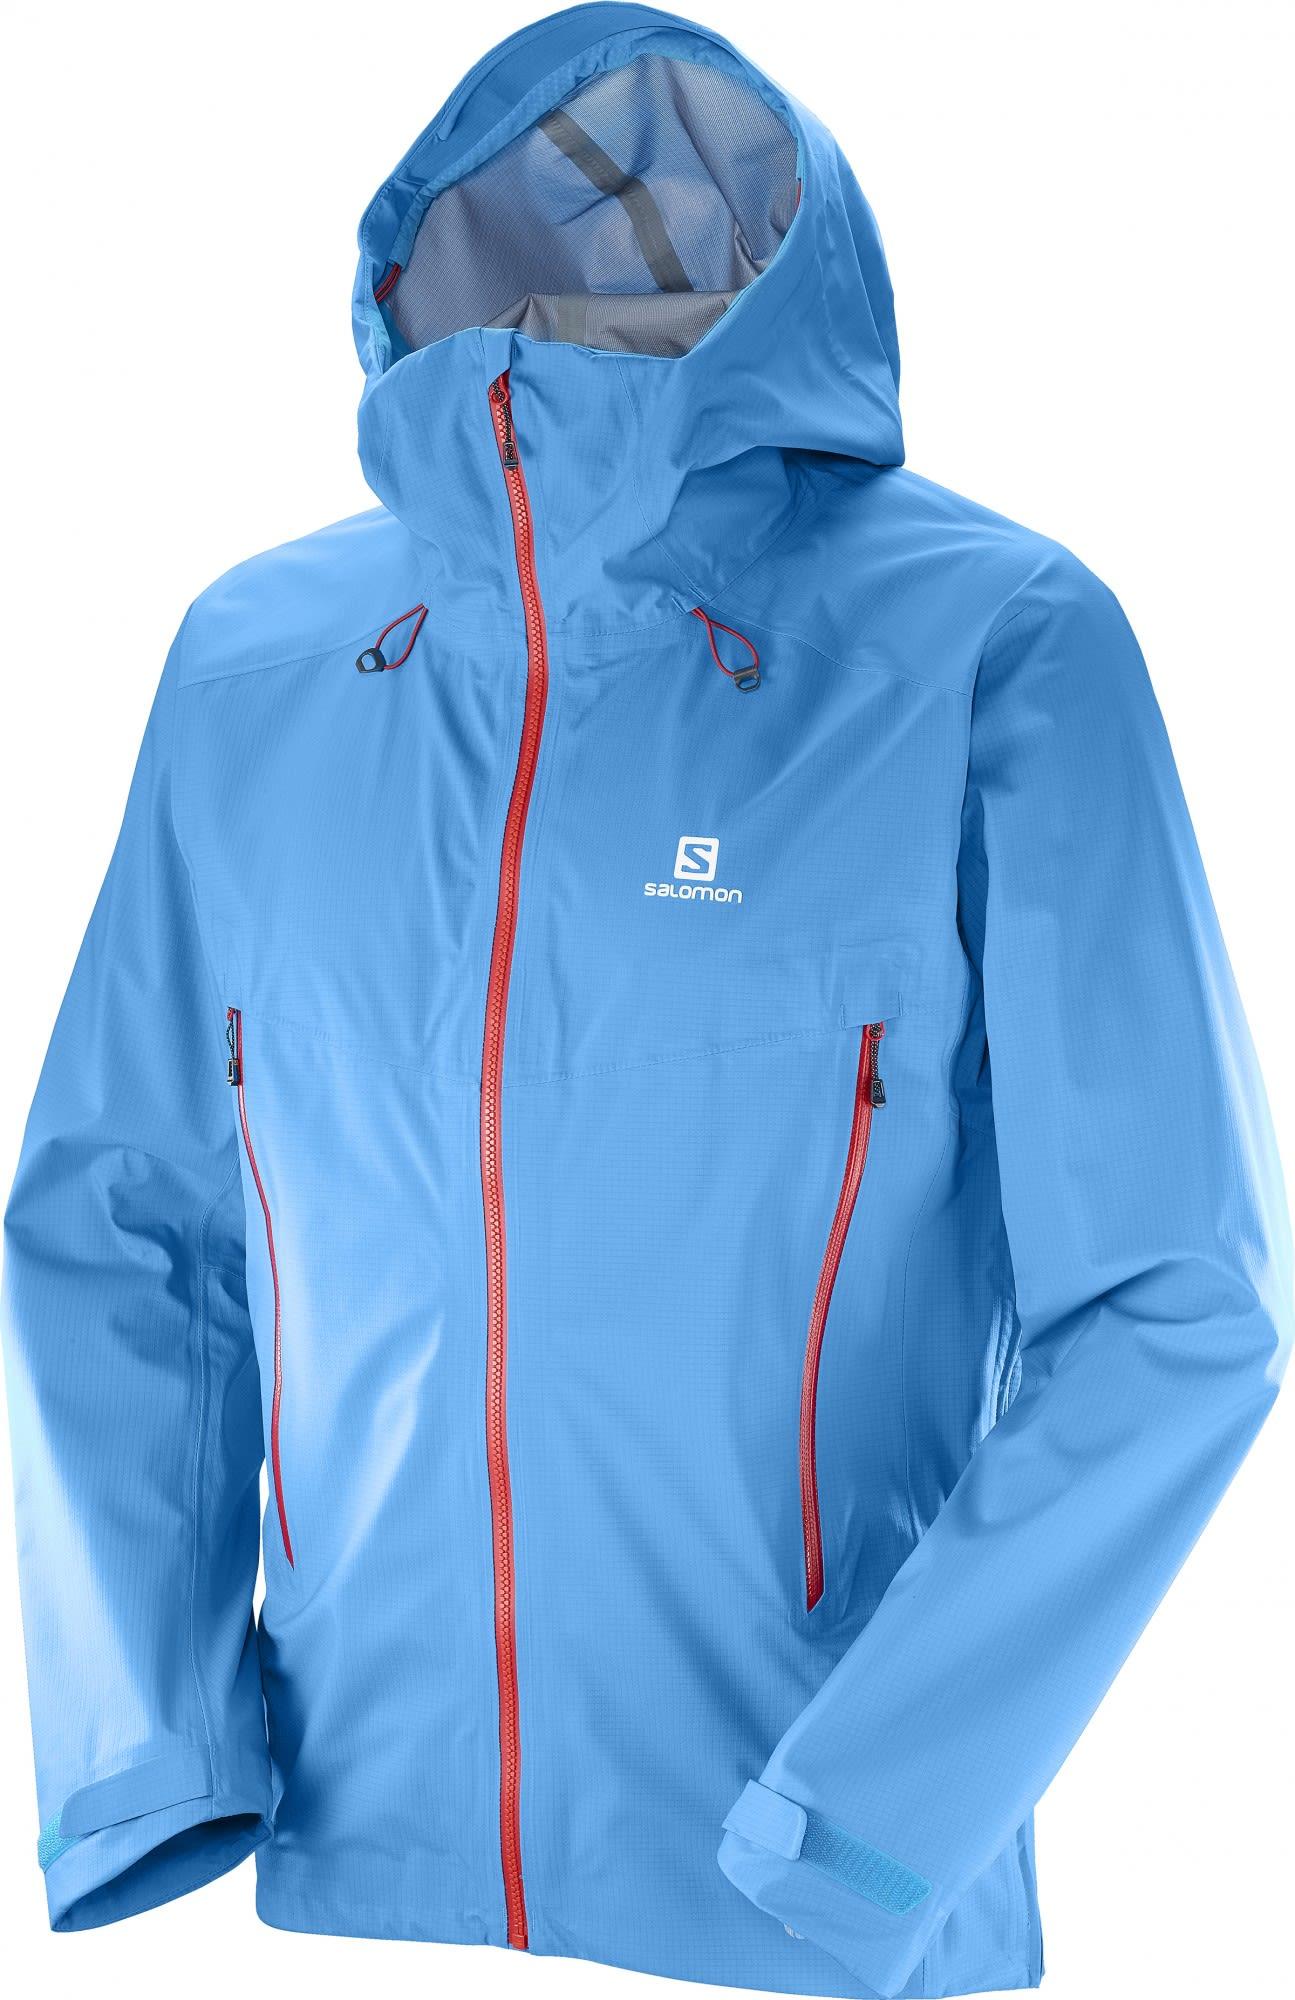 Salomon M X Alp 3L Jacket (Modell Sommer 2018) | Größe S,M,L | Herren Freizeit